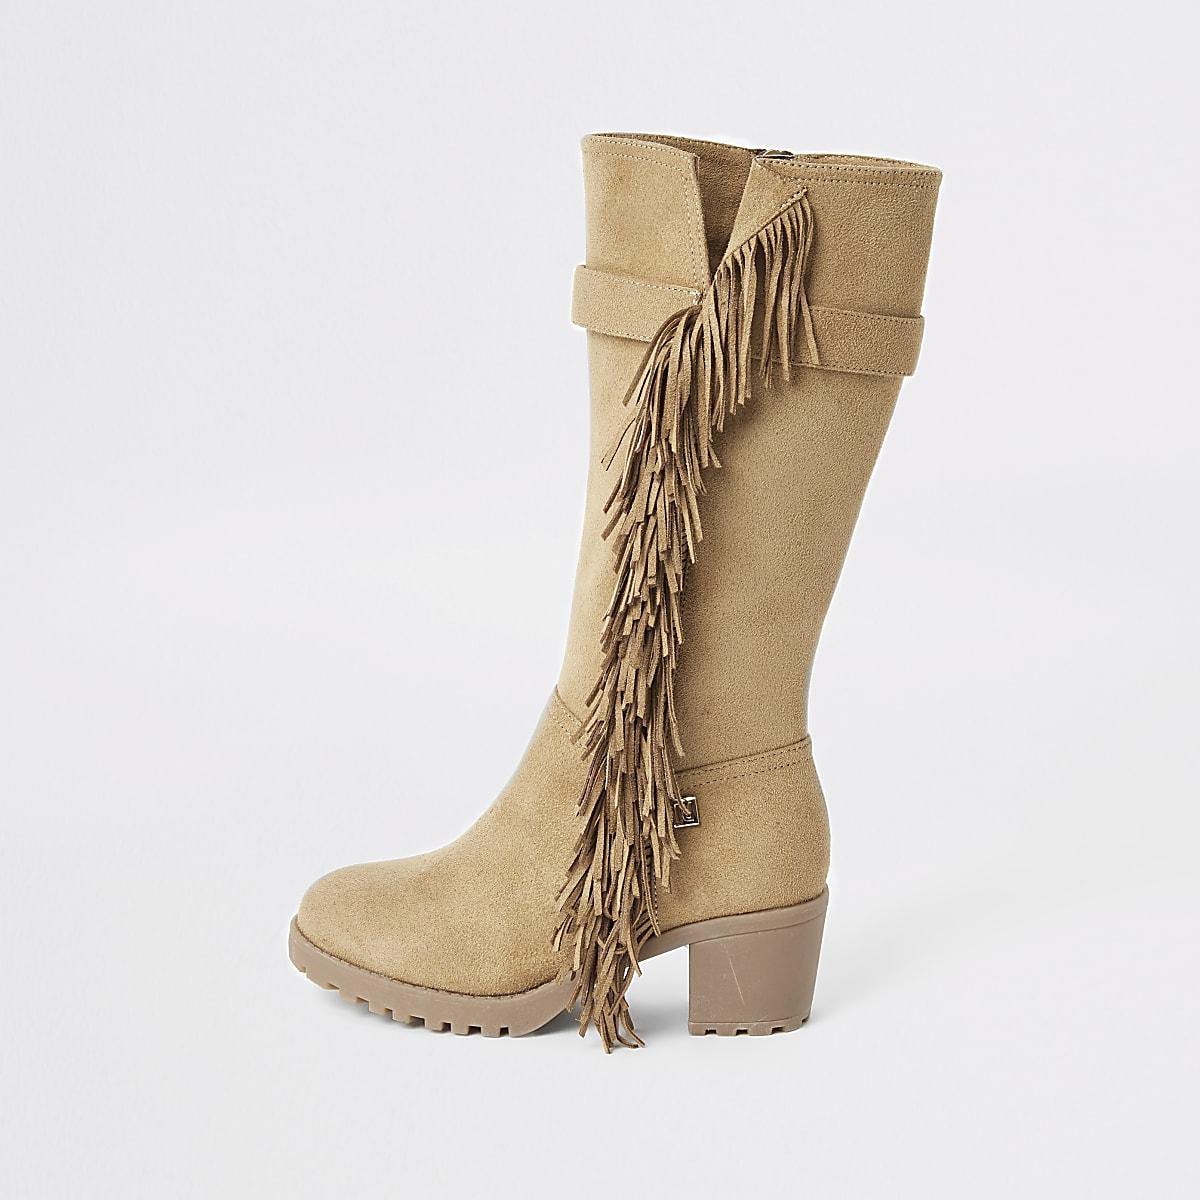 Bruine kniehoge laarzen met hakken en franje voor meisjes